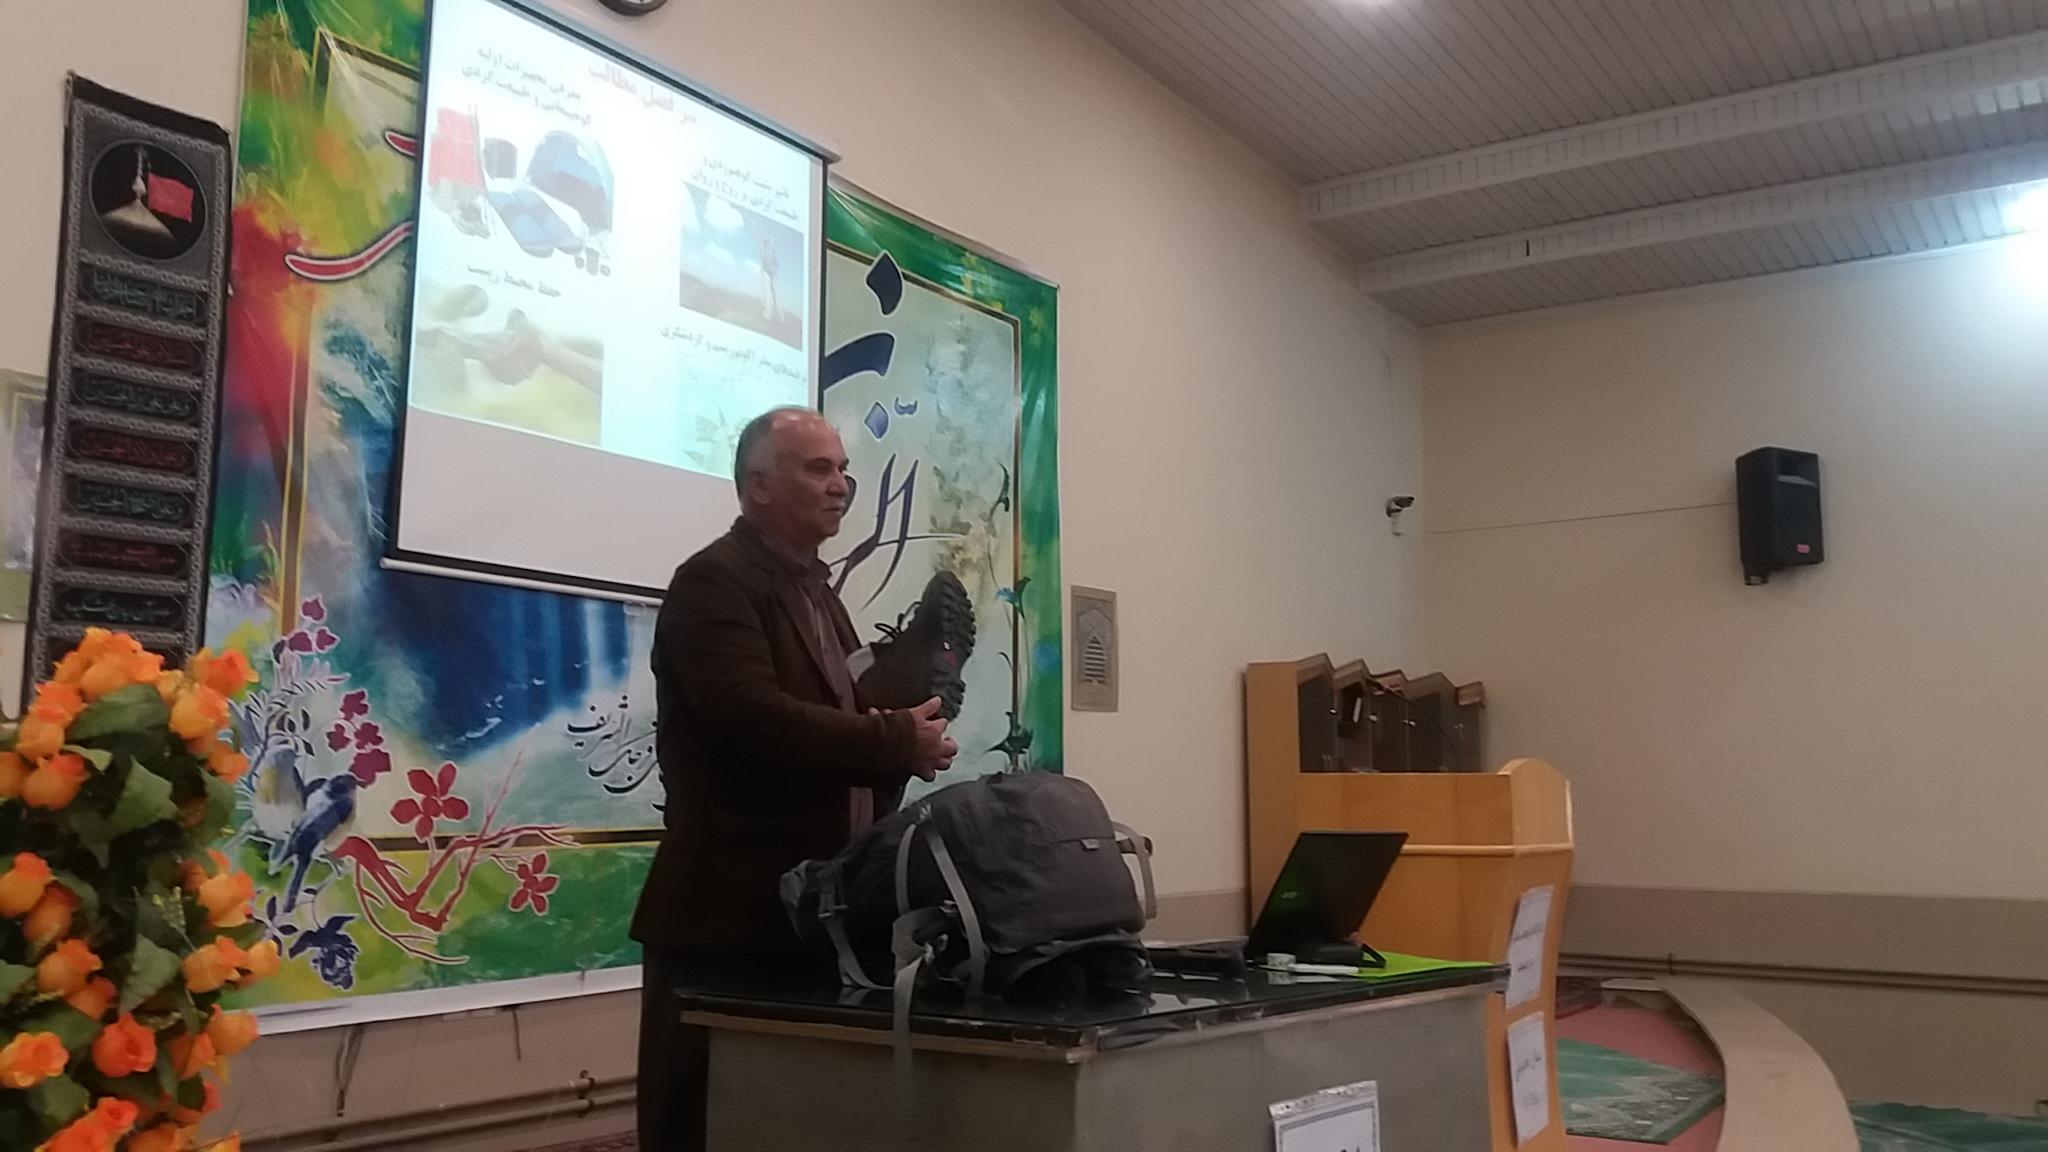 برگزاری دومین کارگاه آموزشی با عنوان تفریحات سالم در طبیعت